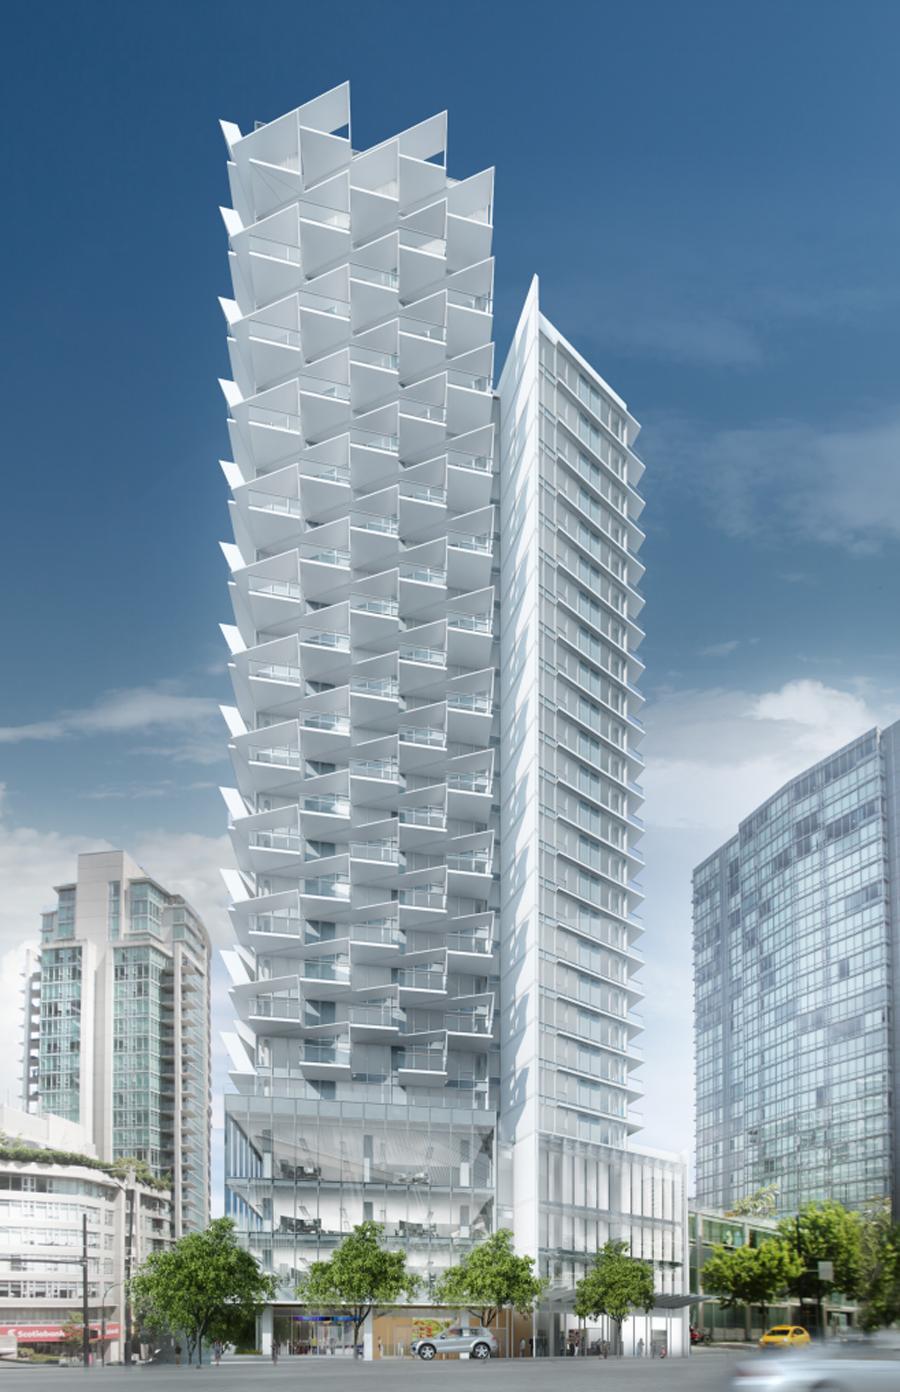 Image: Bosa Properties / Henriquez Partners Architects